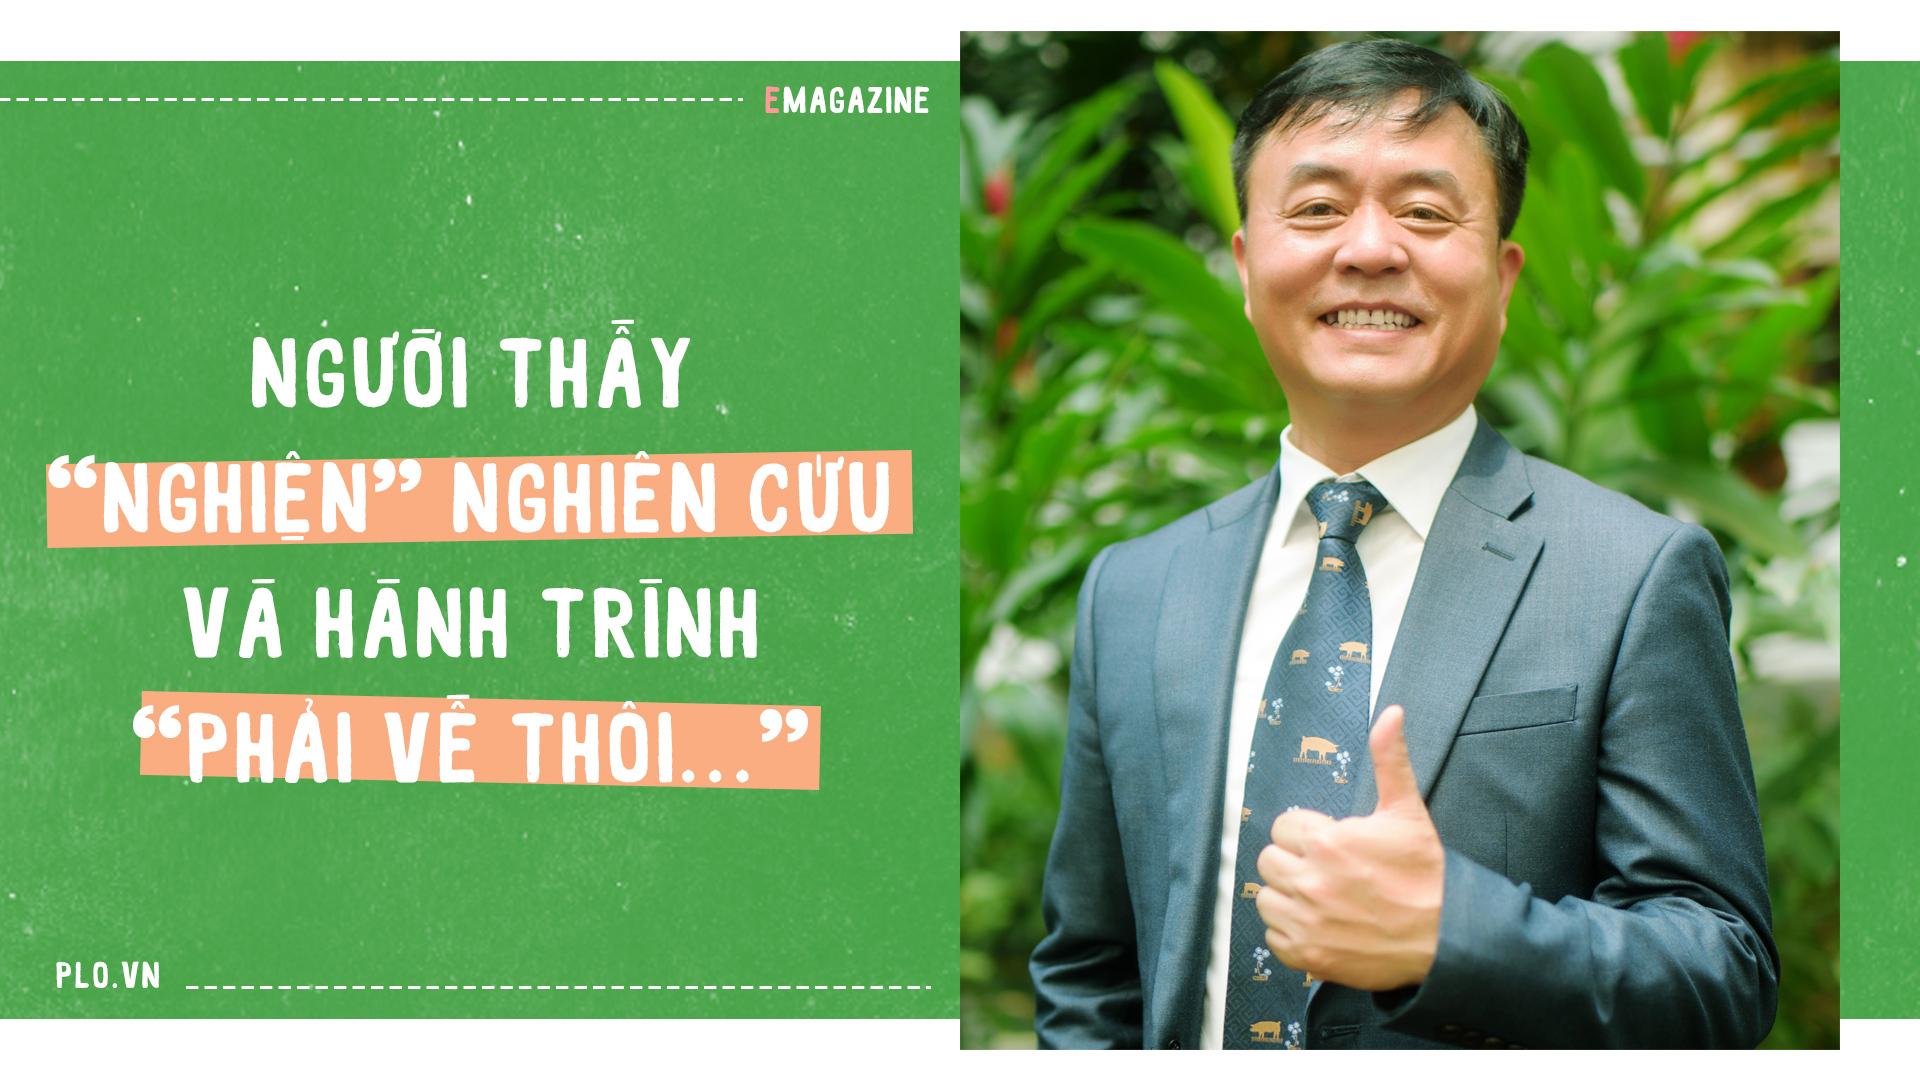 Hành trình 'phải về thôi' của Giáo sư Nguyễn Văn Thuận